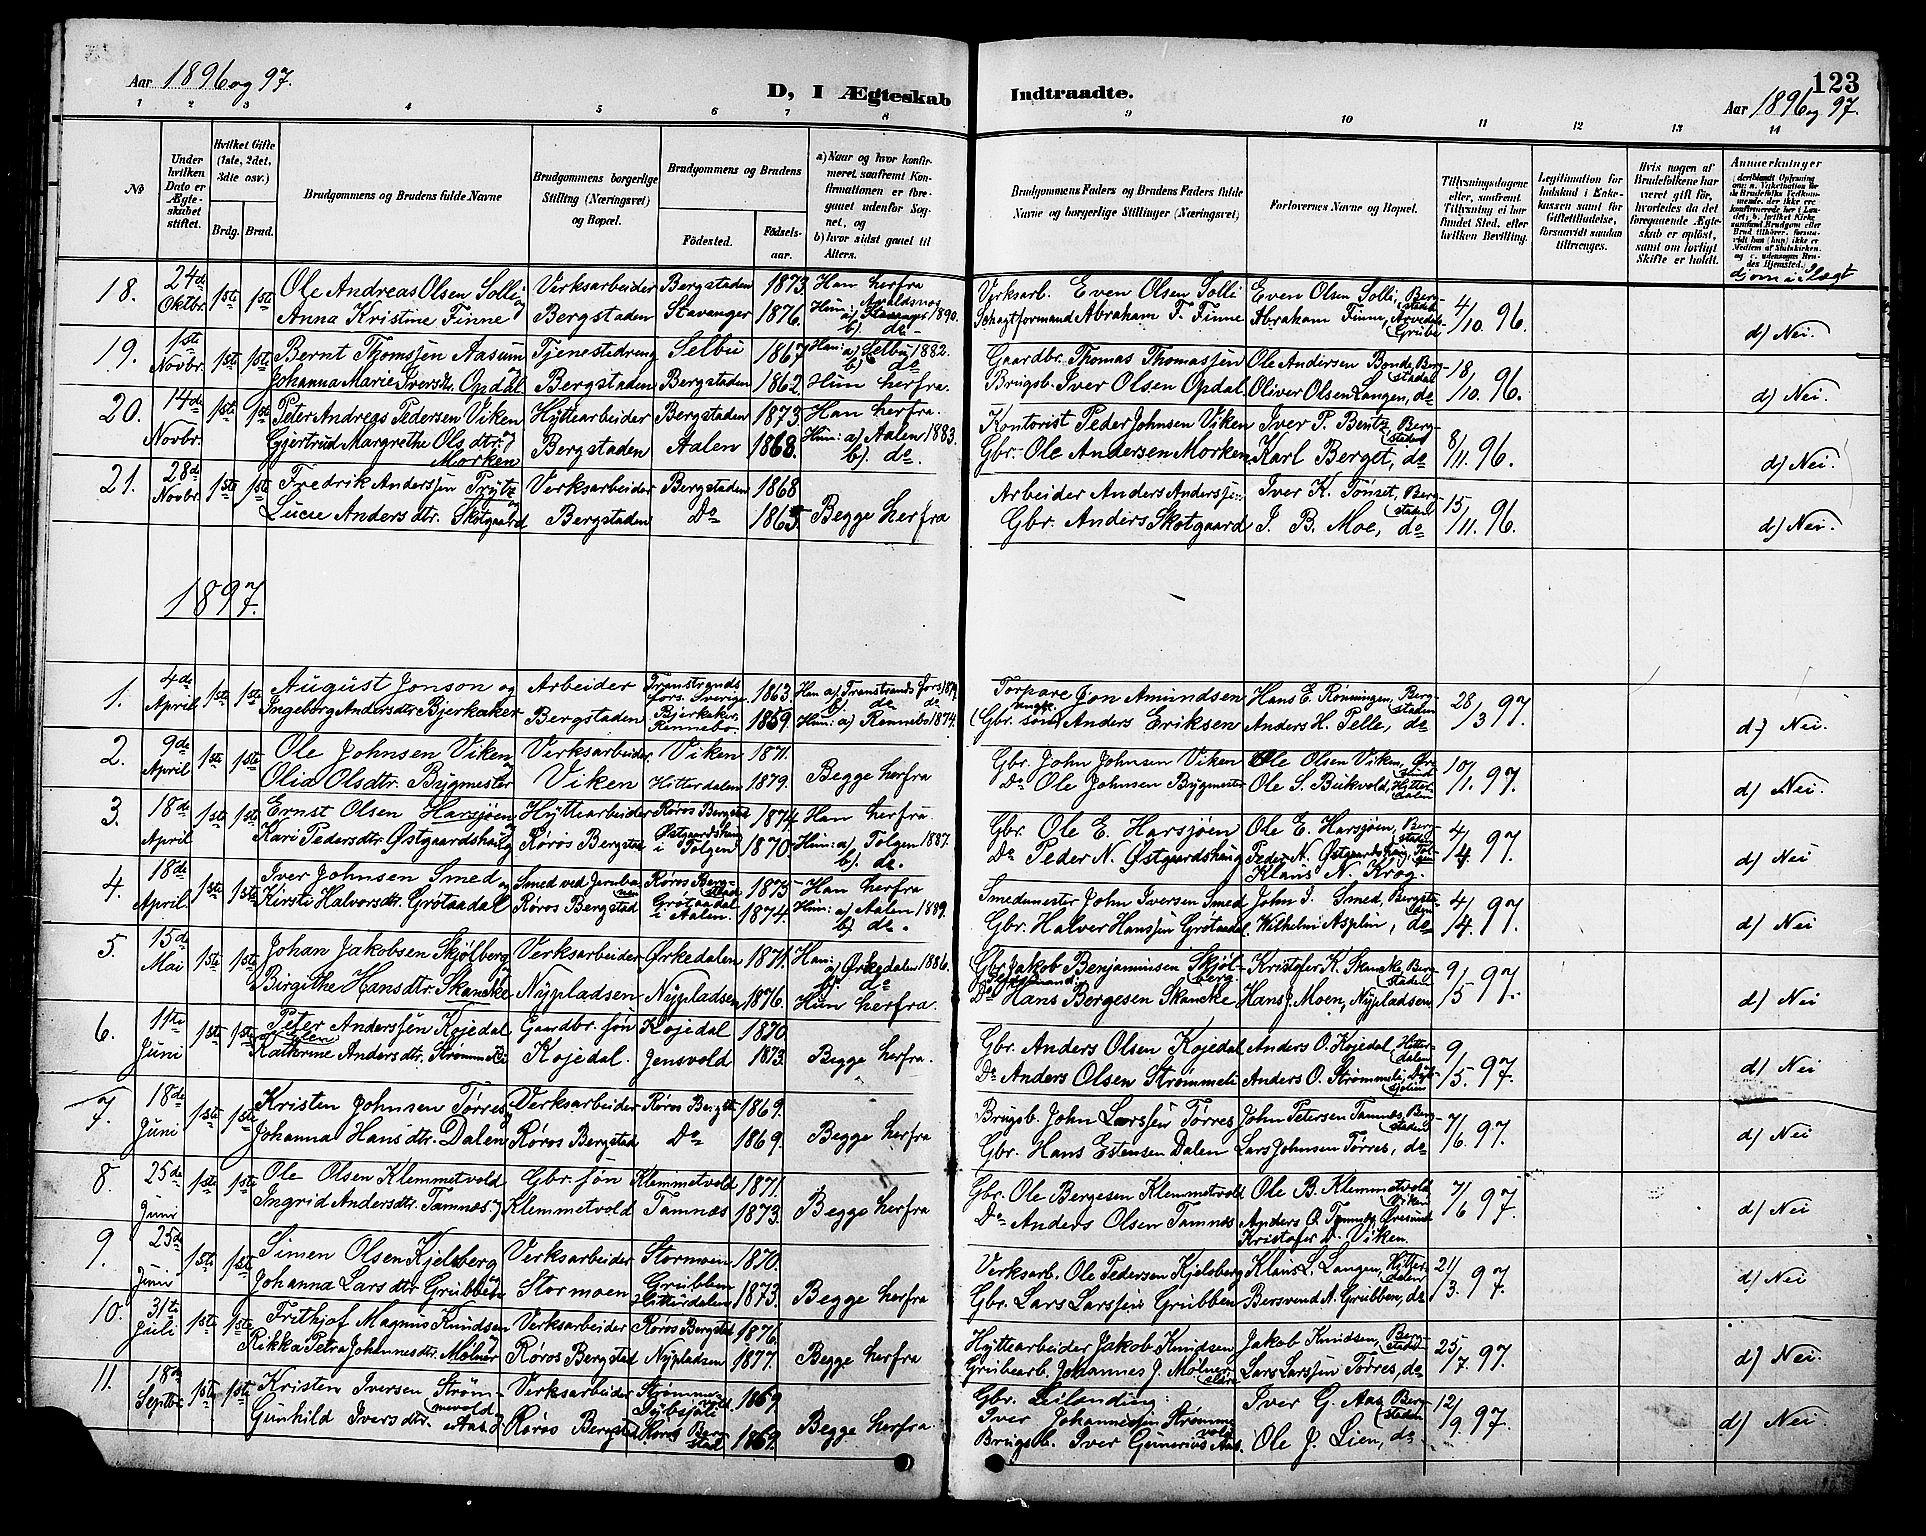 SAT, Ministerialprotokoller, klokkerbøker og fødselsregistre - Sør-Trøndelag, 681/L0941: Klokkerbok nr. 681C05, 1896-1905, s. 123